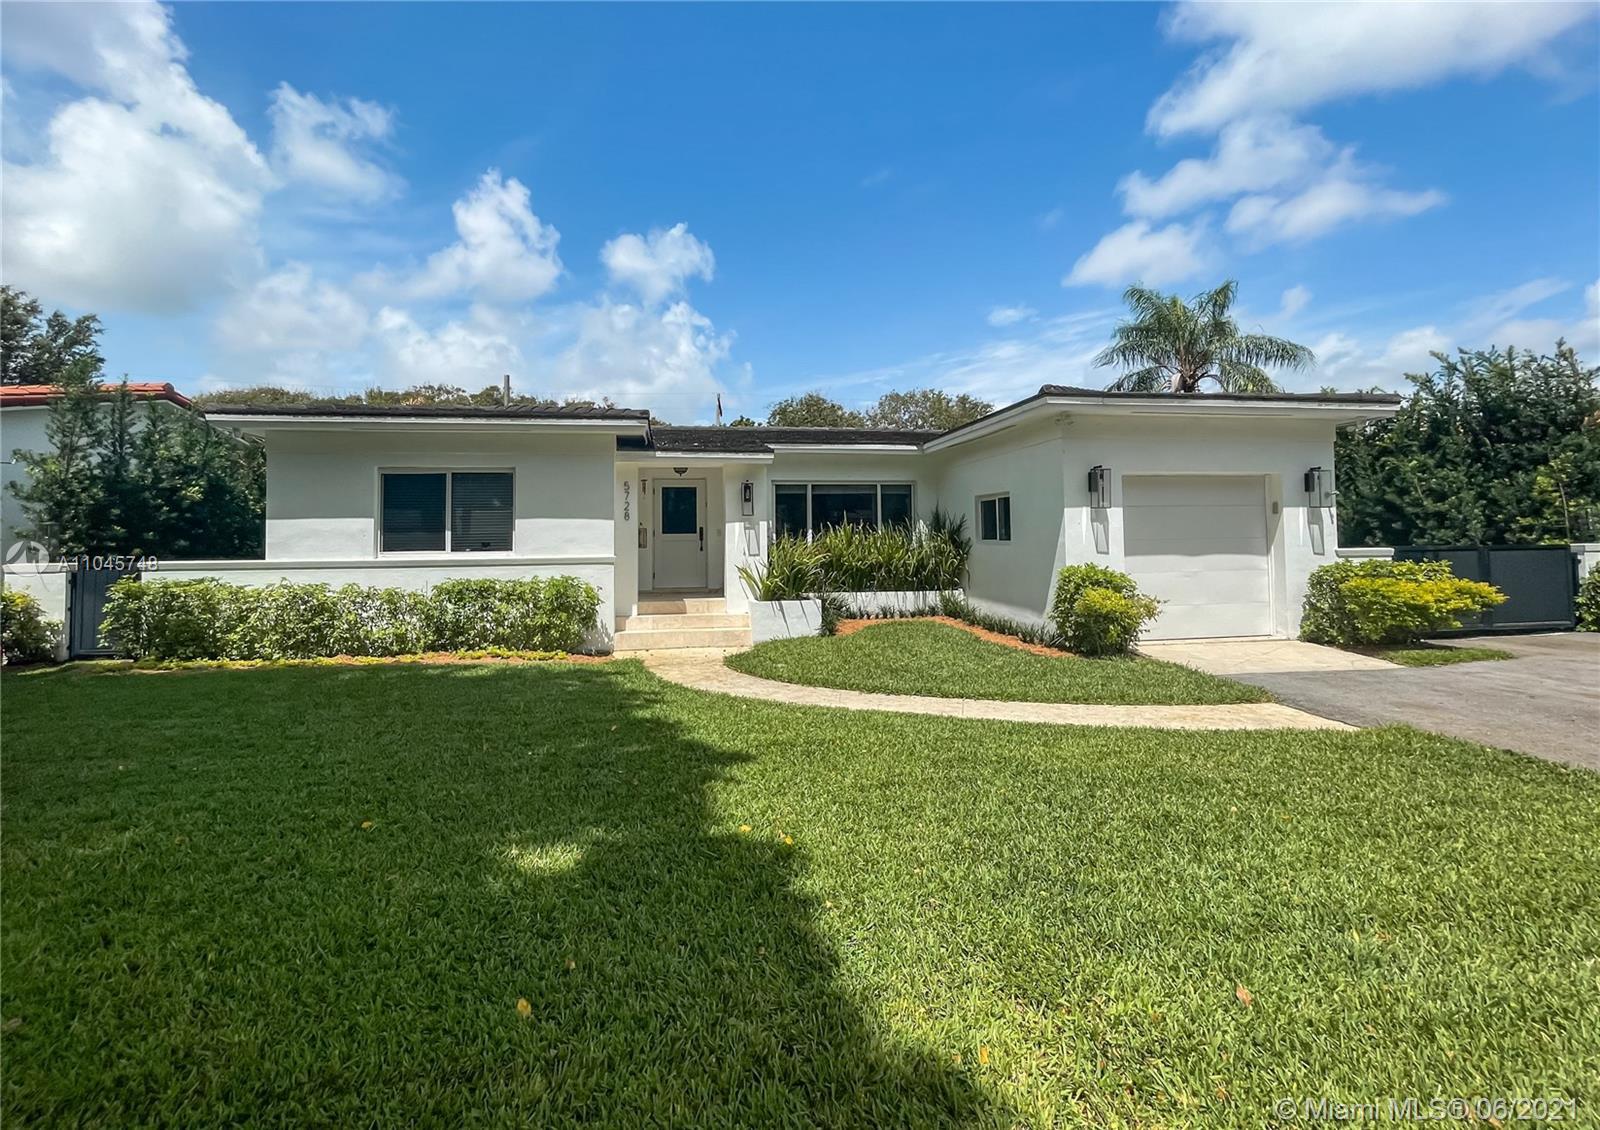 5728 Michelangelo St, Coral Gables, Florida 33146